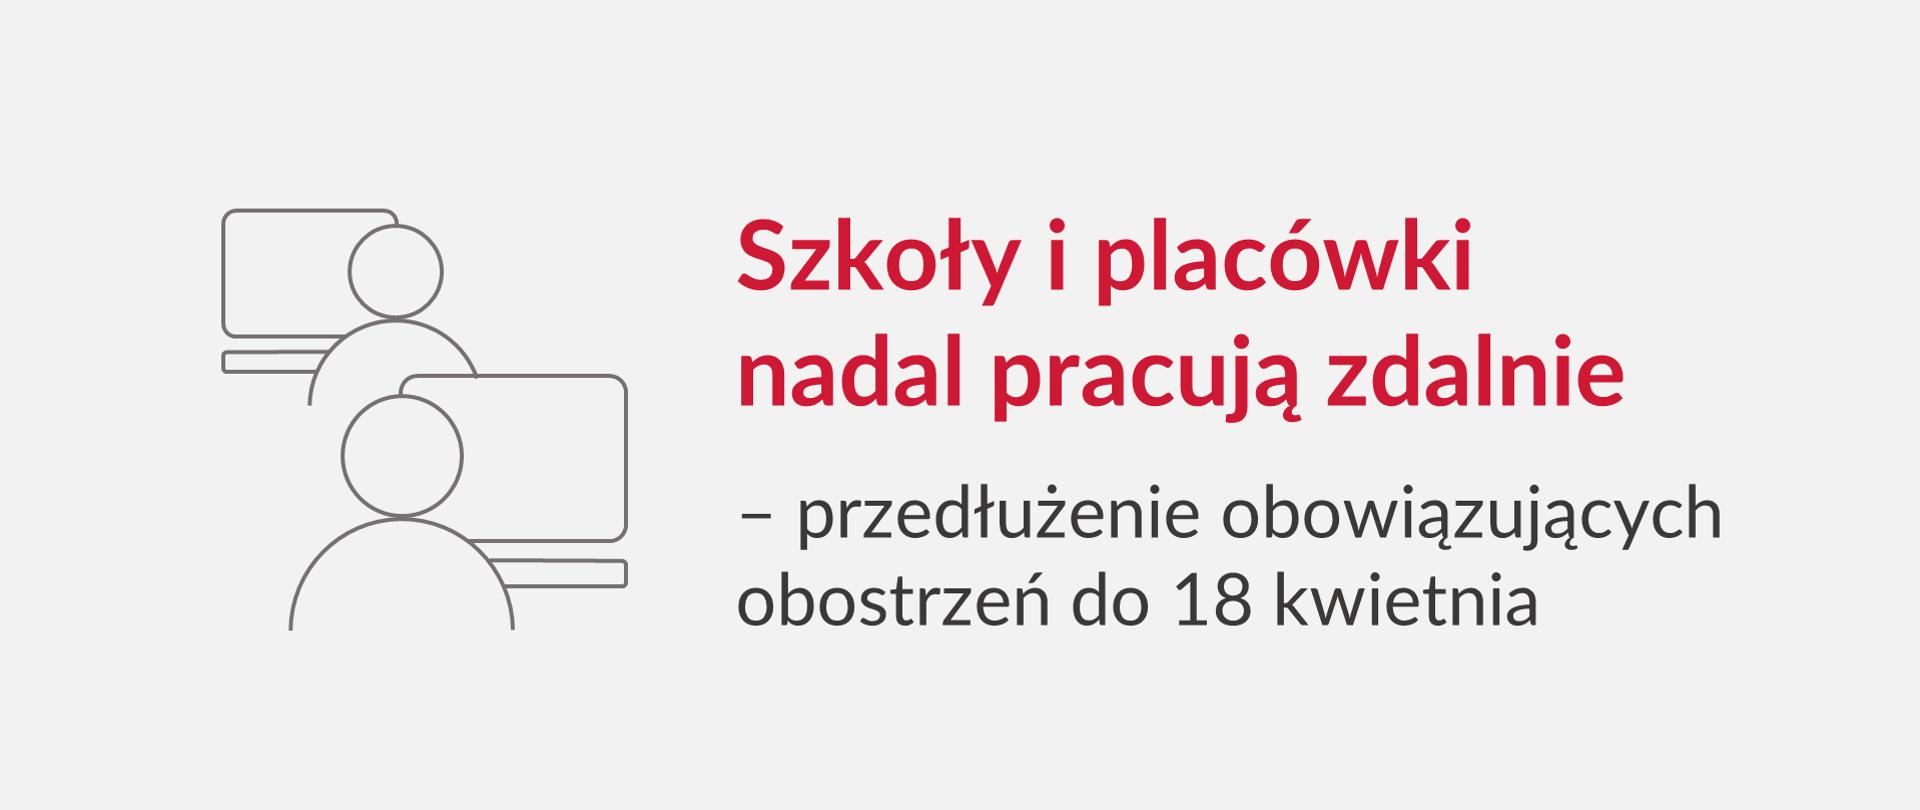 Grafika z tekstem: 'Szkoły i placówki nadal pracują zdalnie – przedłużenie obowiązujących obostrzeń do 18 kwietnia'